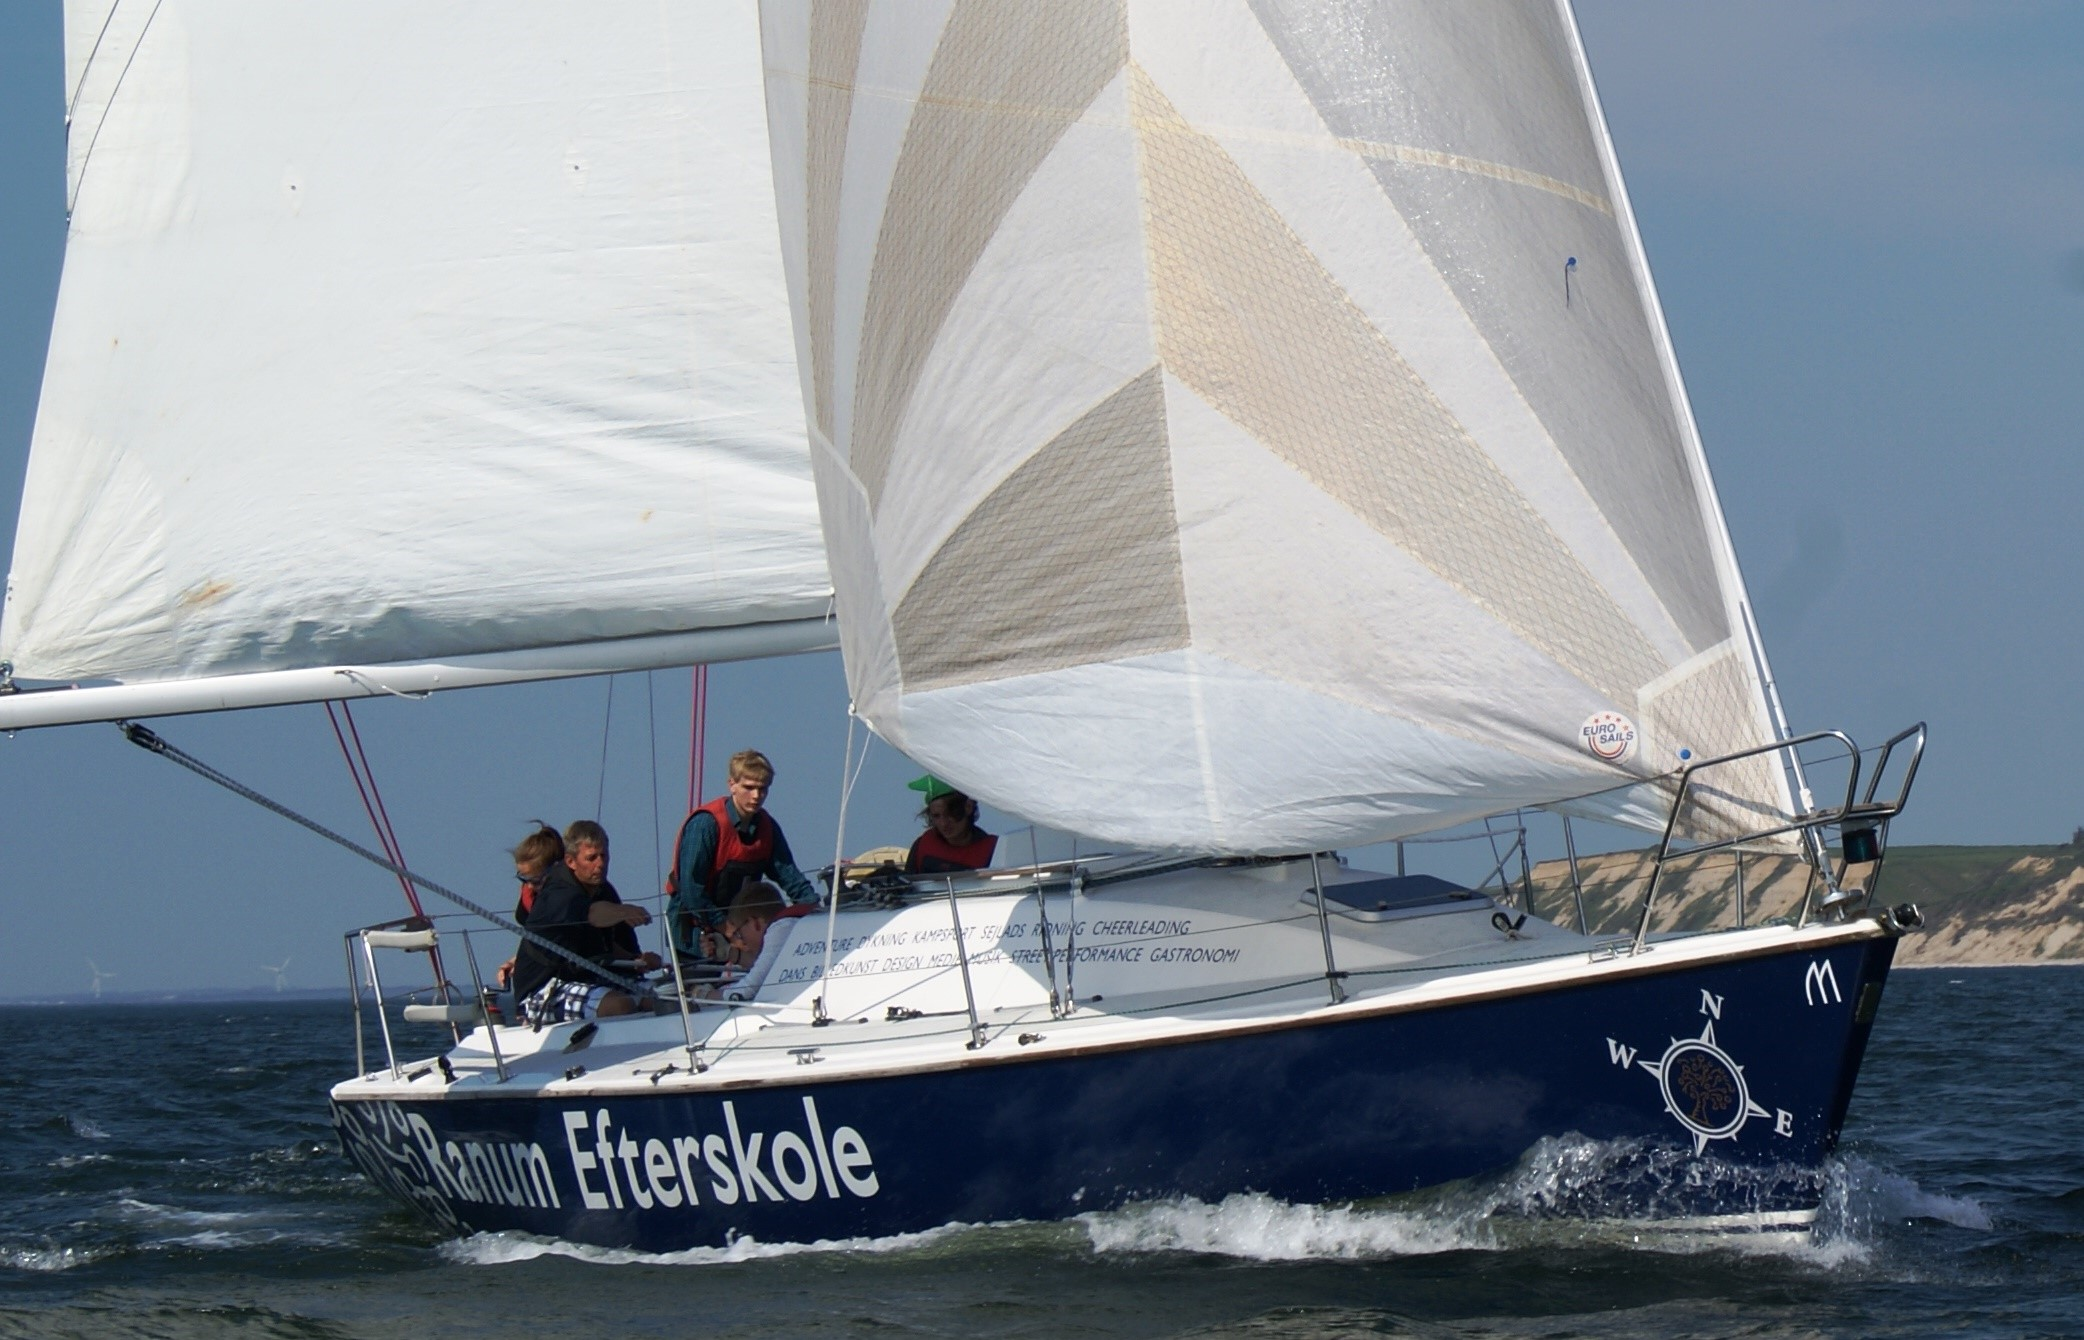 Gratis Adgang For Unge Pa Boat Show Nar Fem Efterskoler